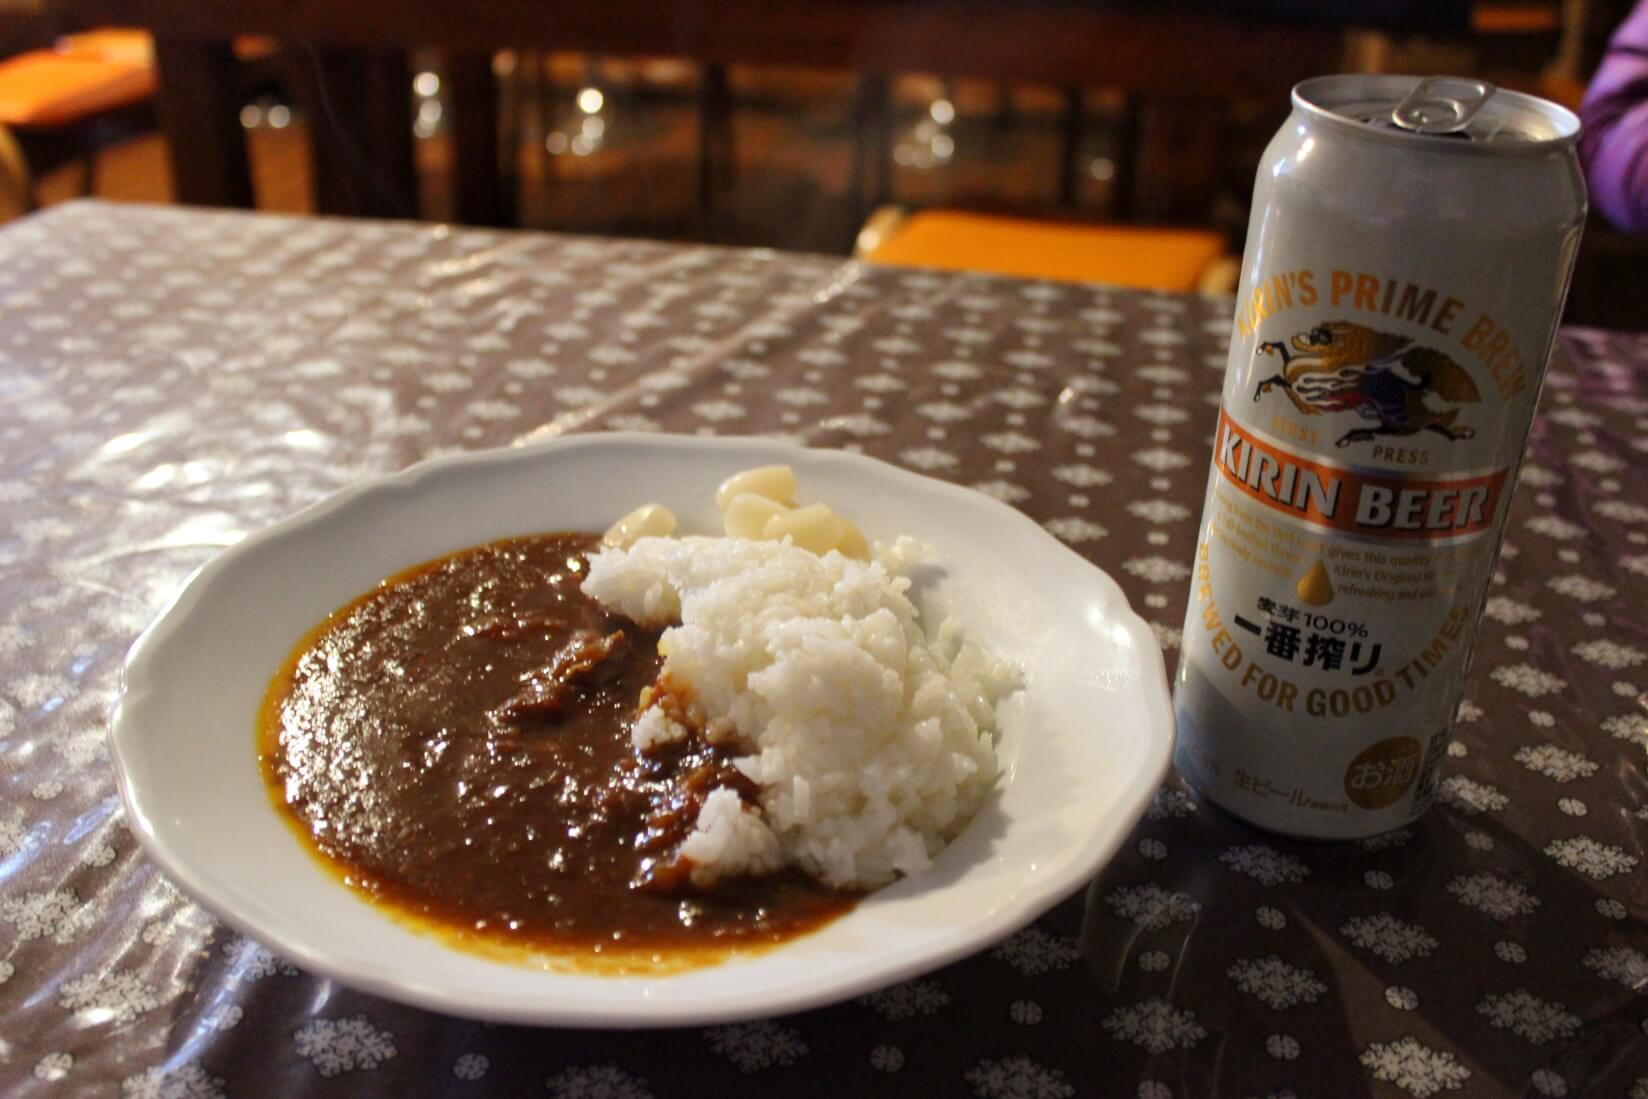 三俣山荘展望食堂のカレーとキリン一番搾り